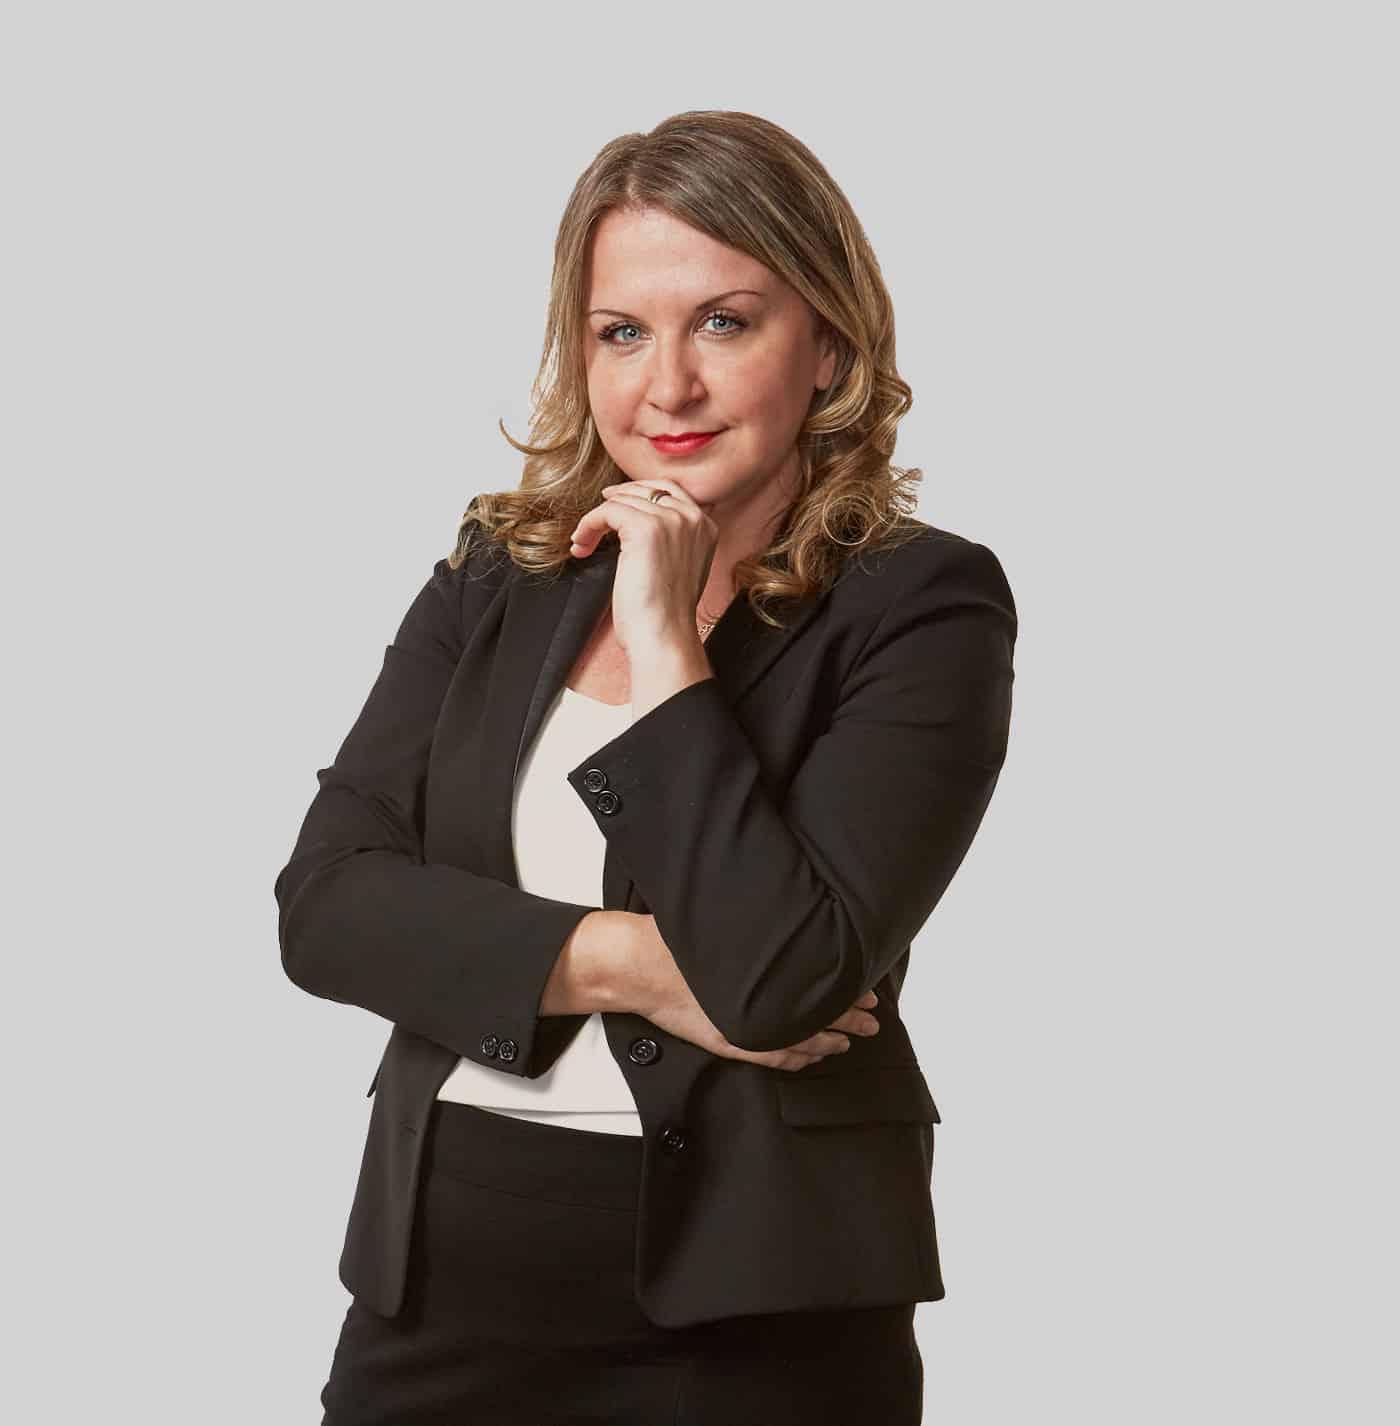 Ania Kolodziej